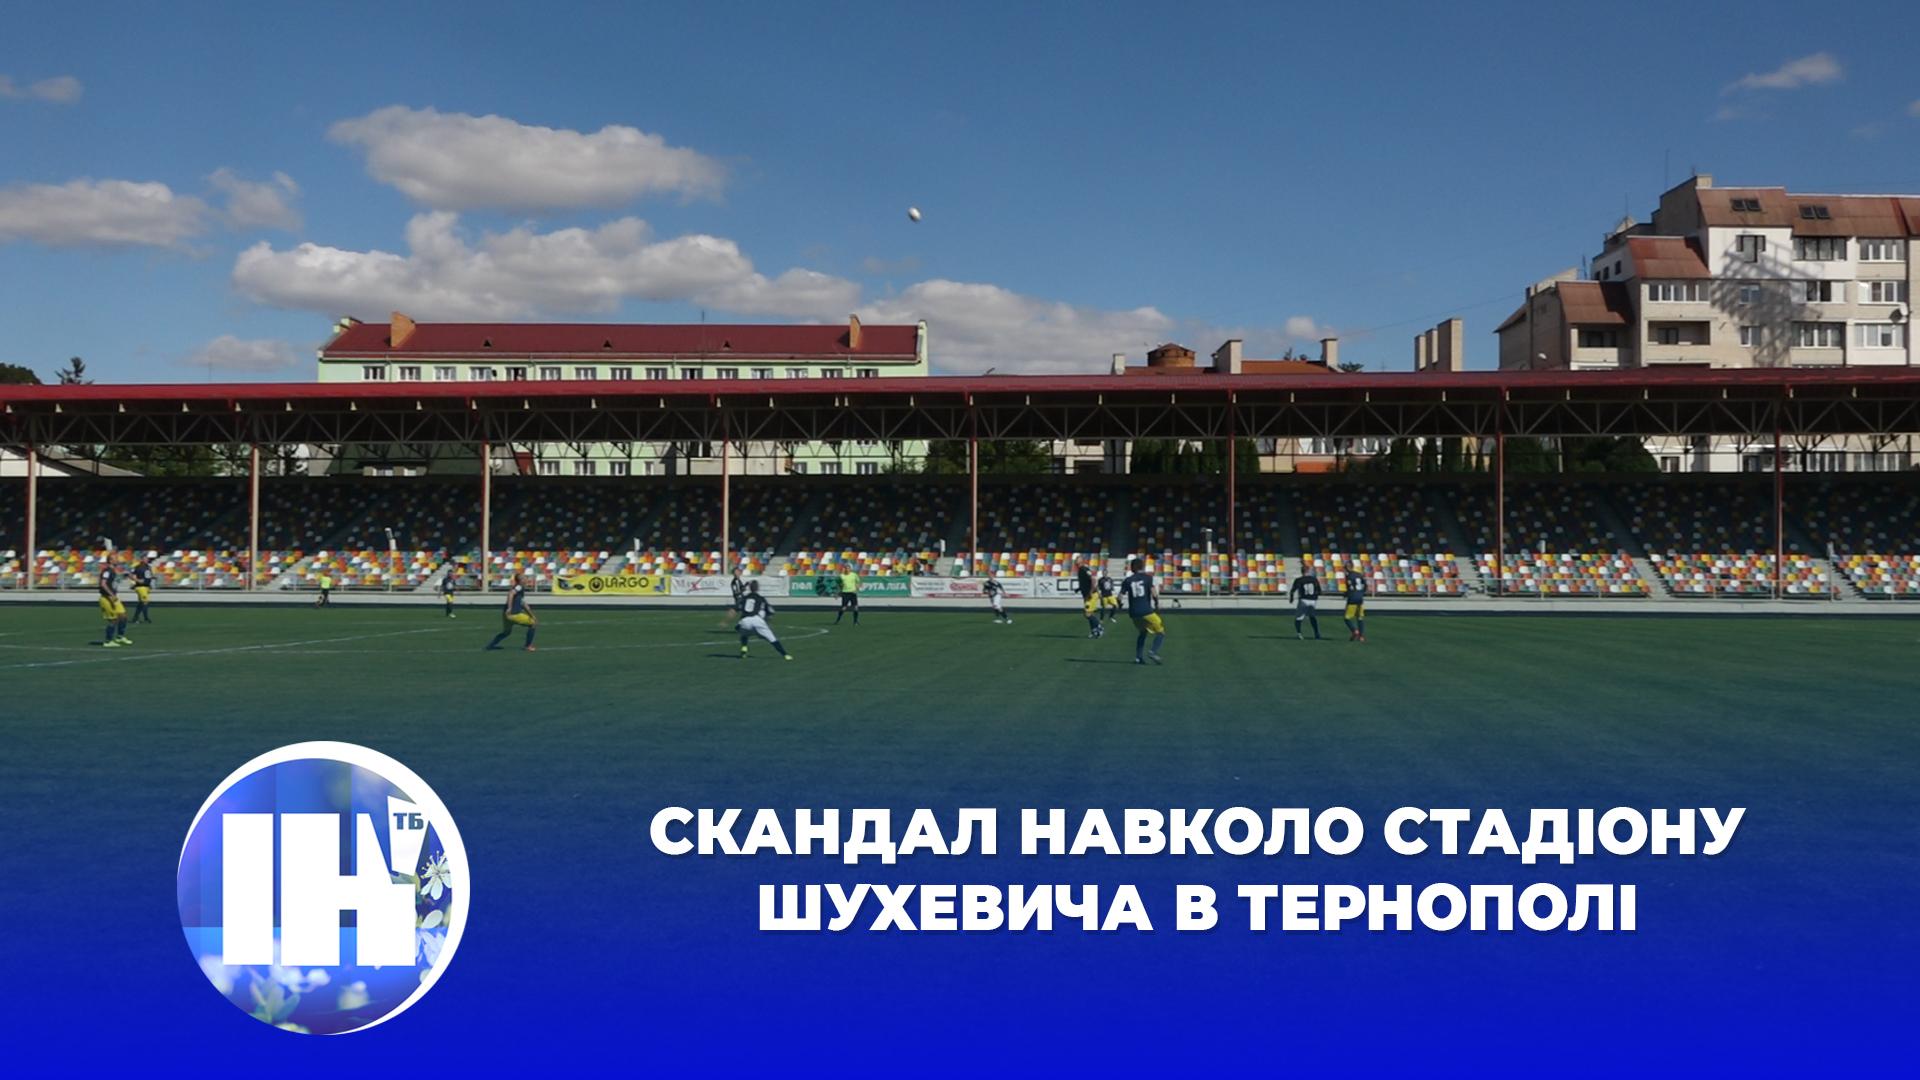 Скандал навколо стадіону Шухевича в Тернополі